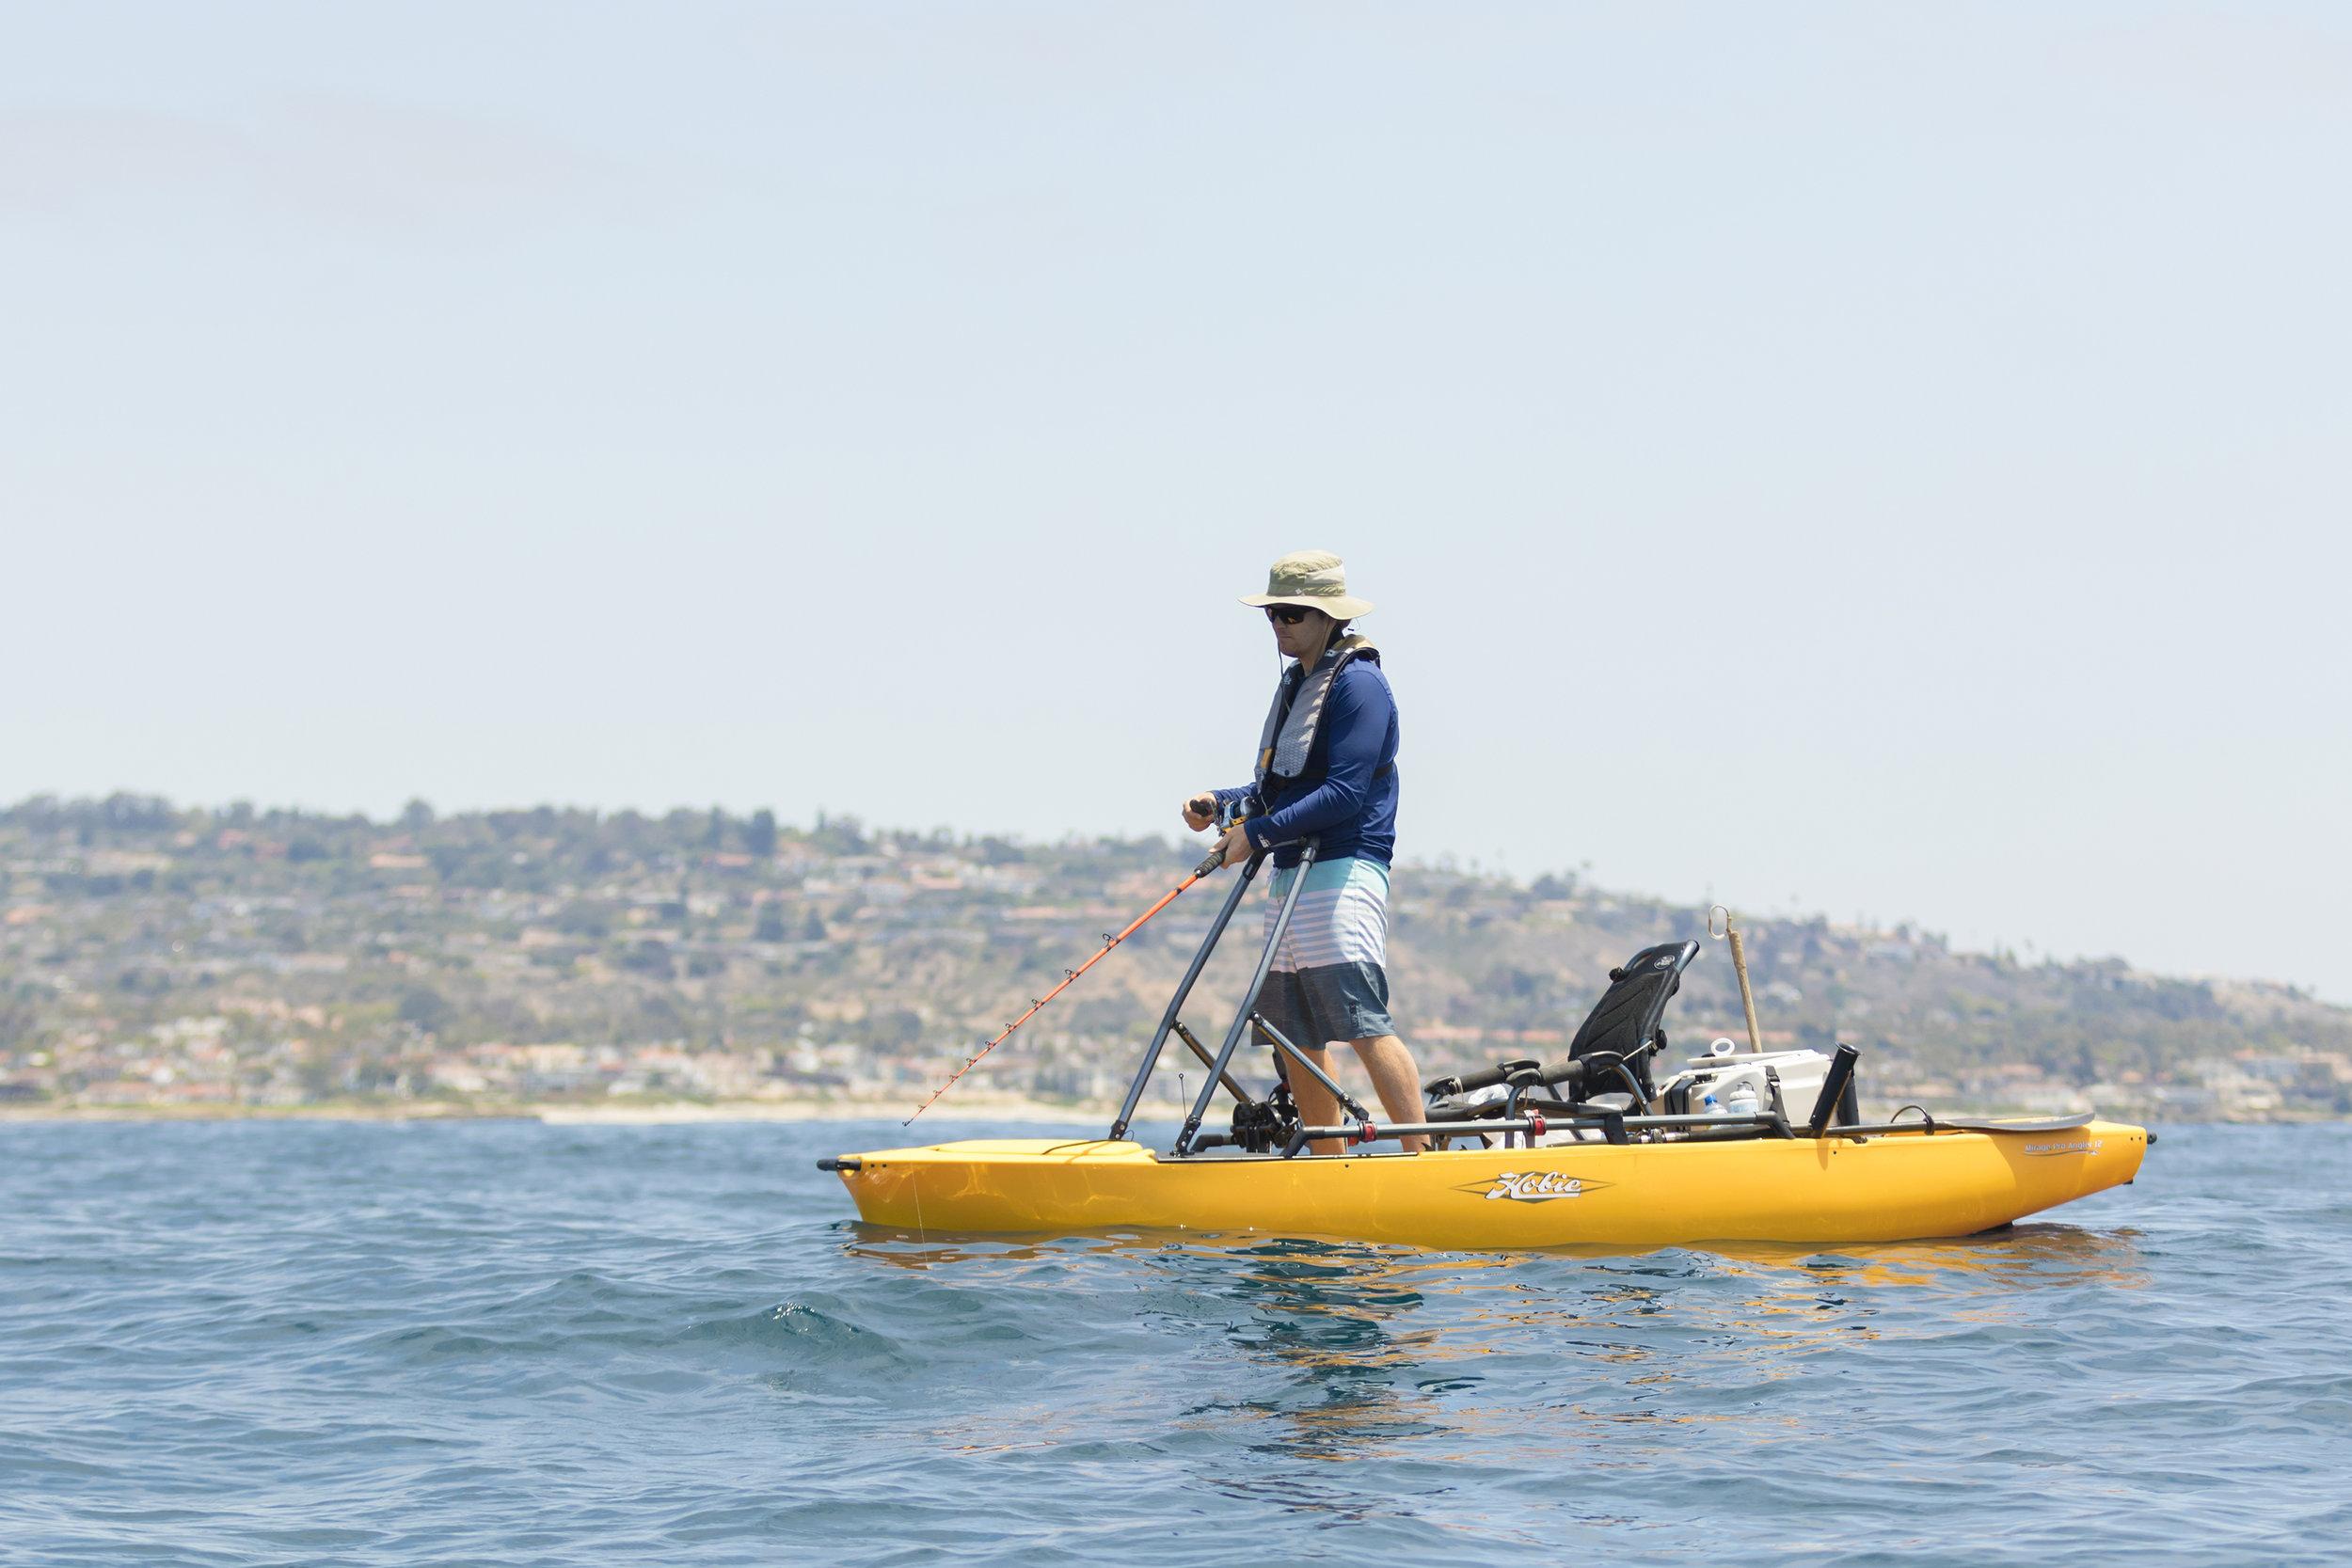 ProAngler12-action-fishing-hBar-Brendan-ocean-standing-lg.jpg